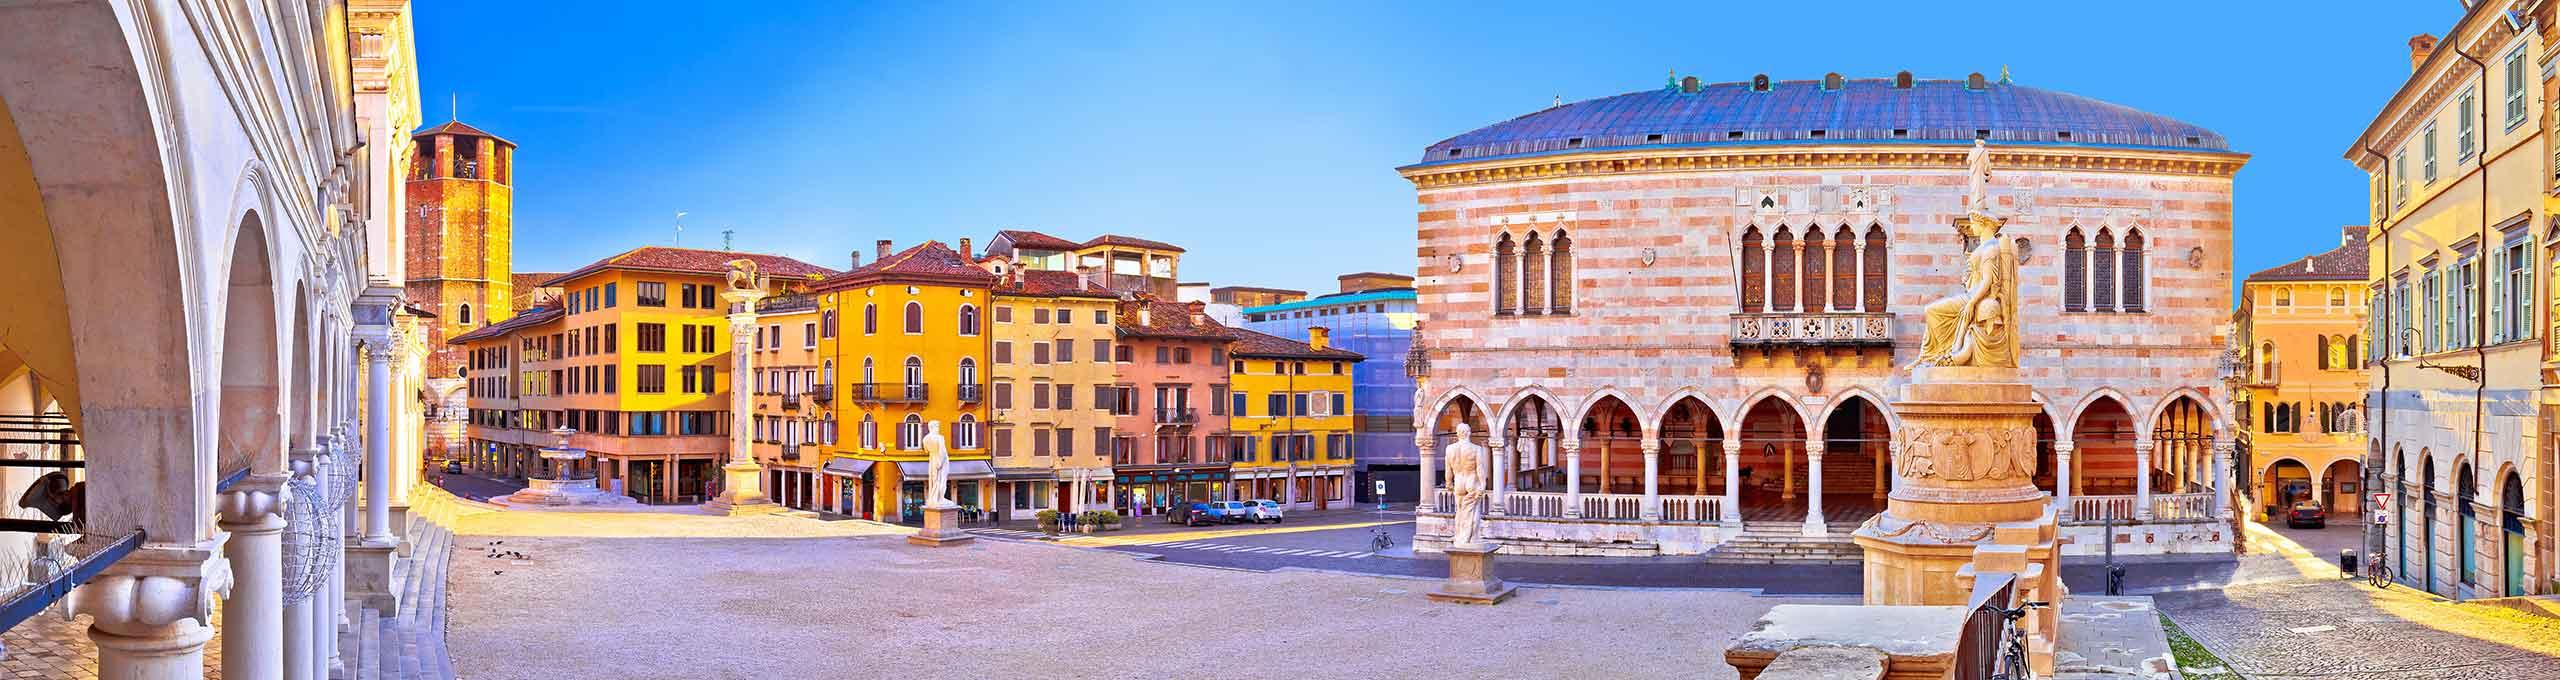 Udine. Piazza Libertà